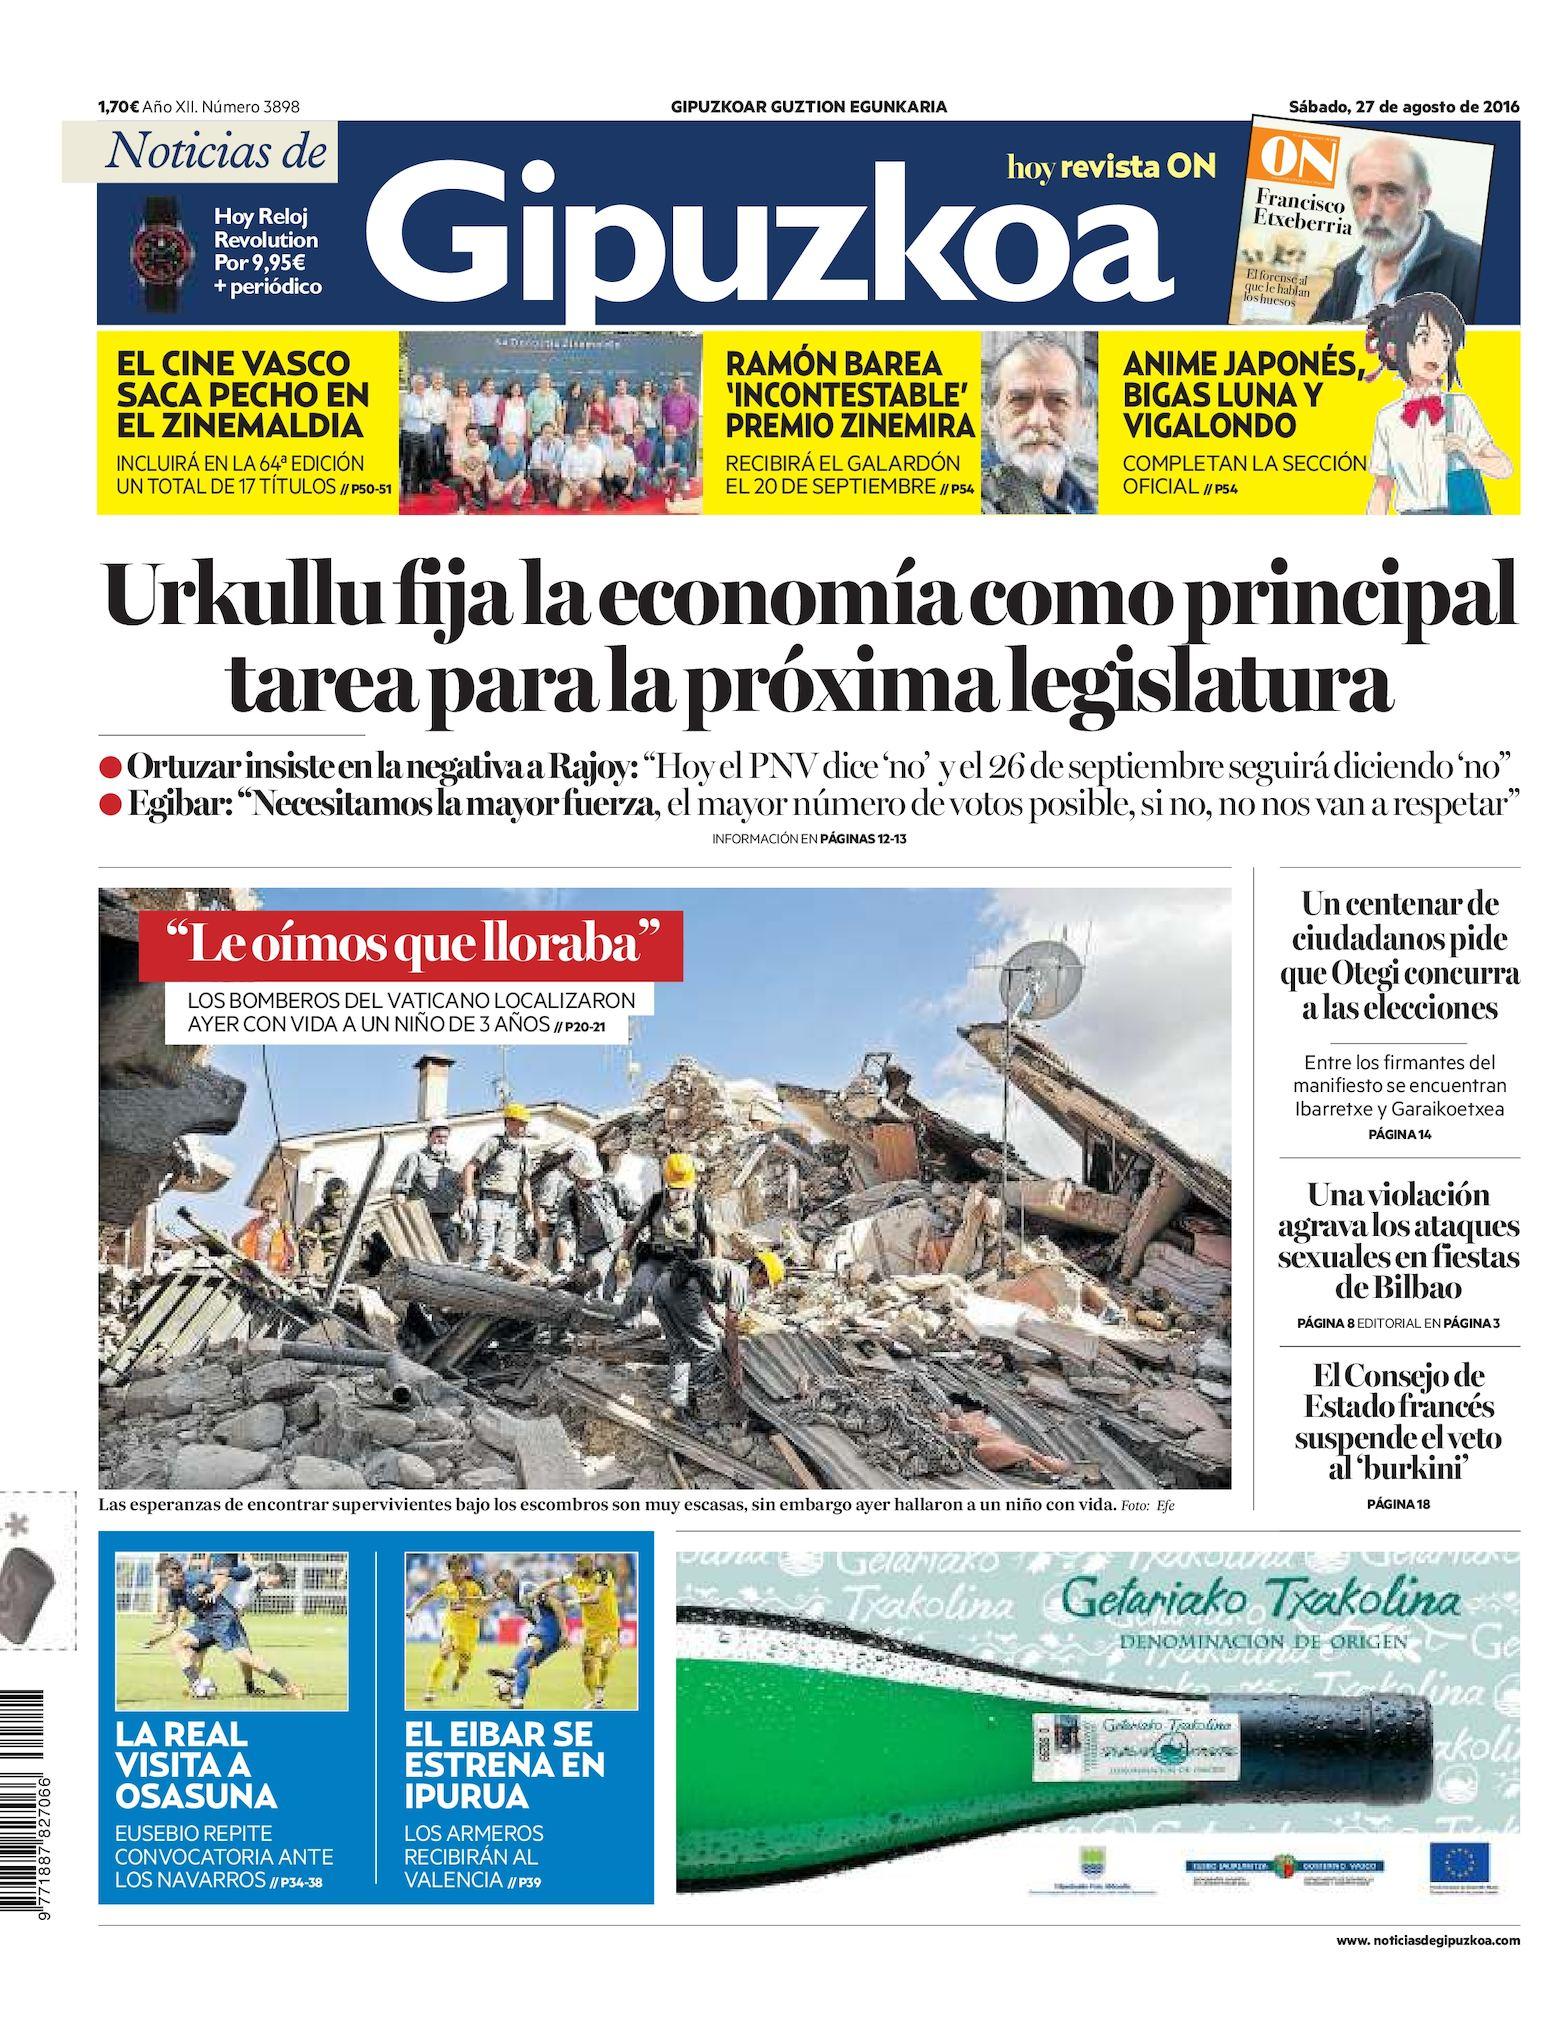 fac9b4a0e1 Calaméo - Noticias de Gipuzkoa 20160827